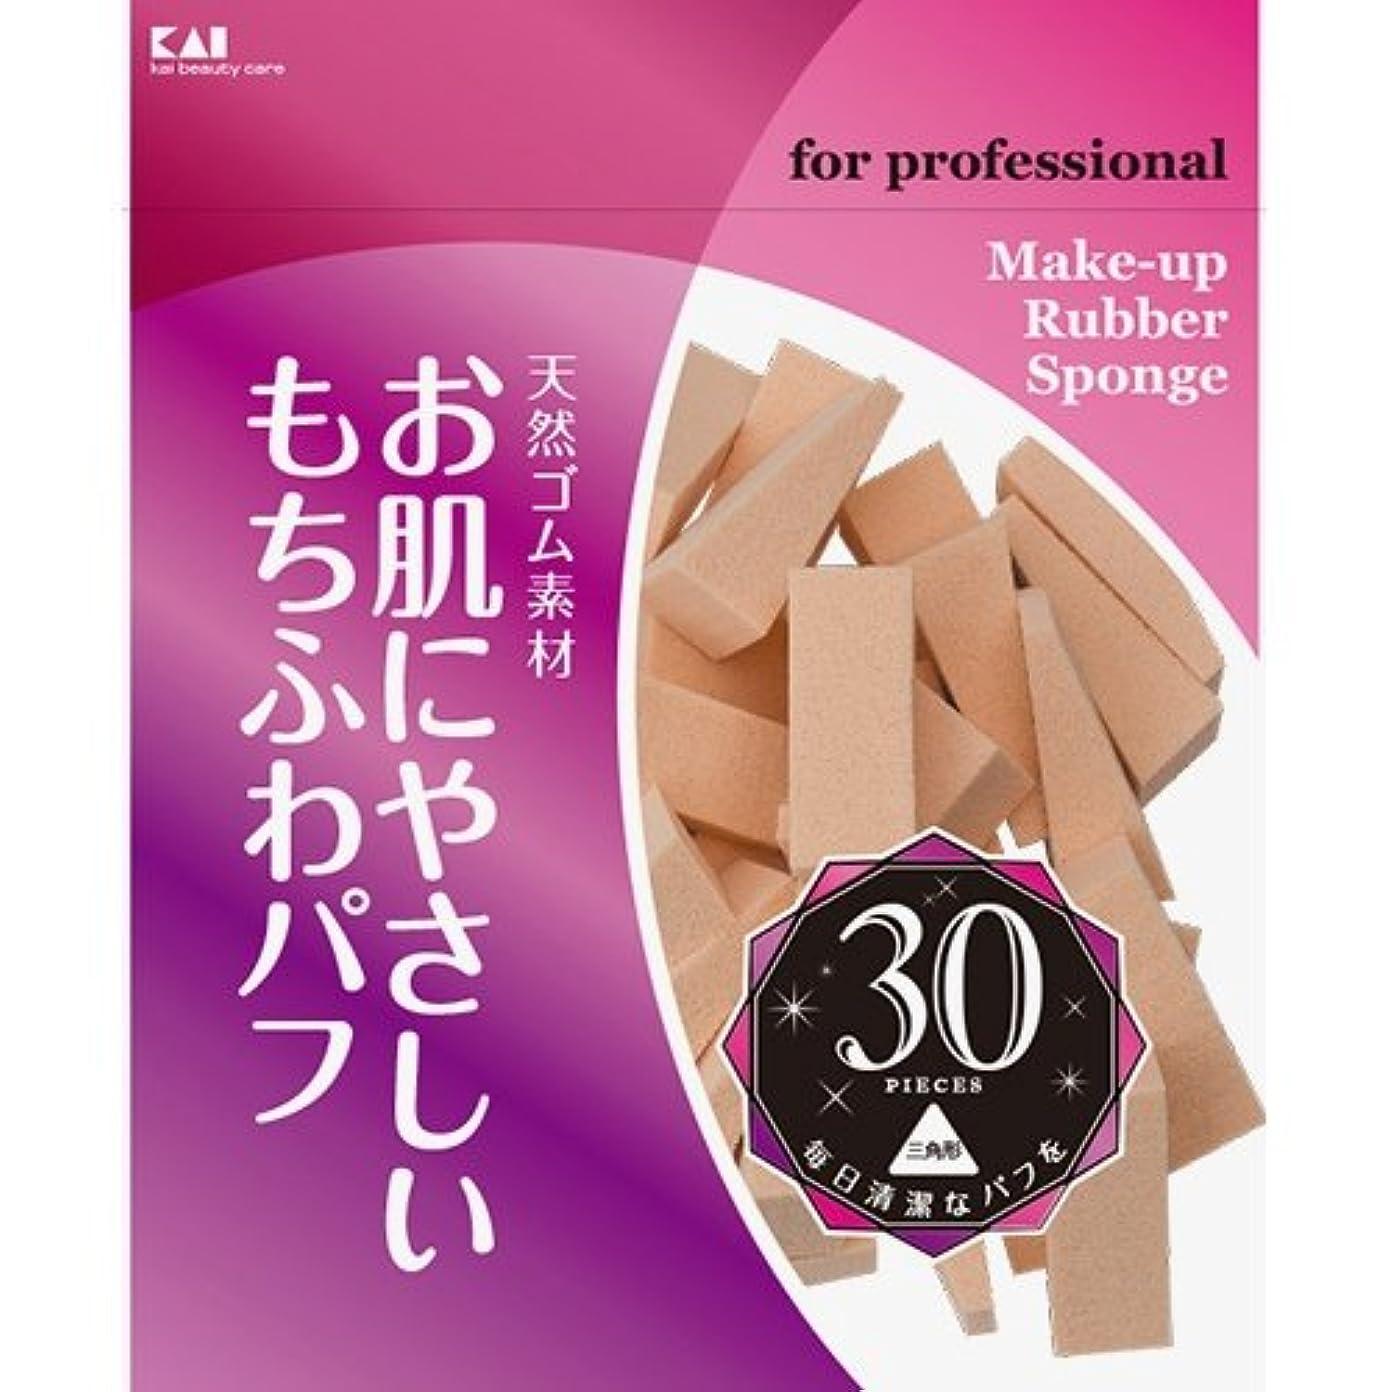 きらきらお酢レタスプロ用ファンデーションパフ三角形30P KQ3063